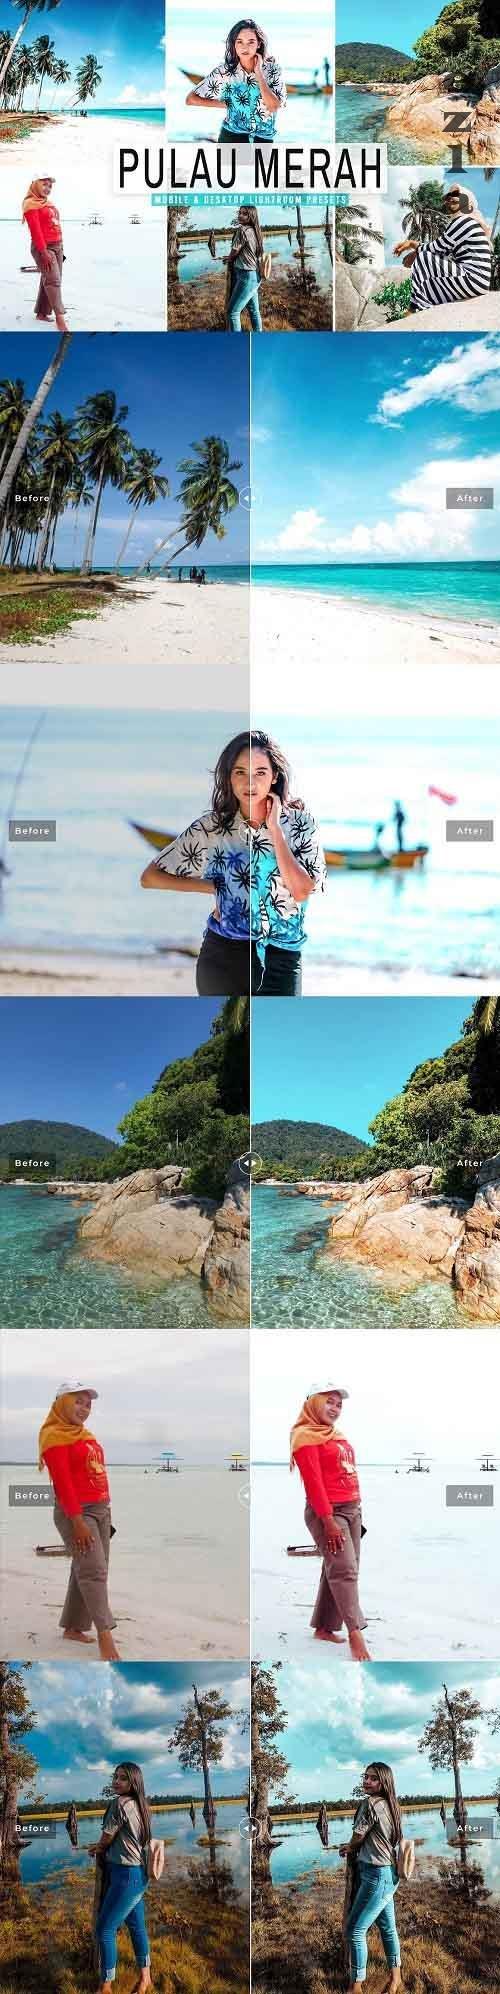 Pulau Merah Pro Lightroom Presets - 5517323 - Mobile & Desktop